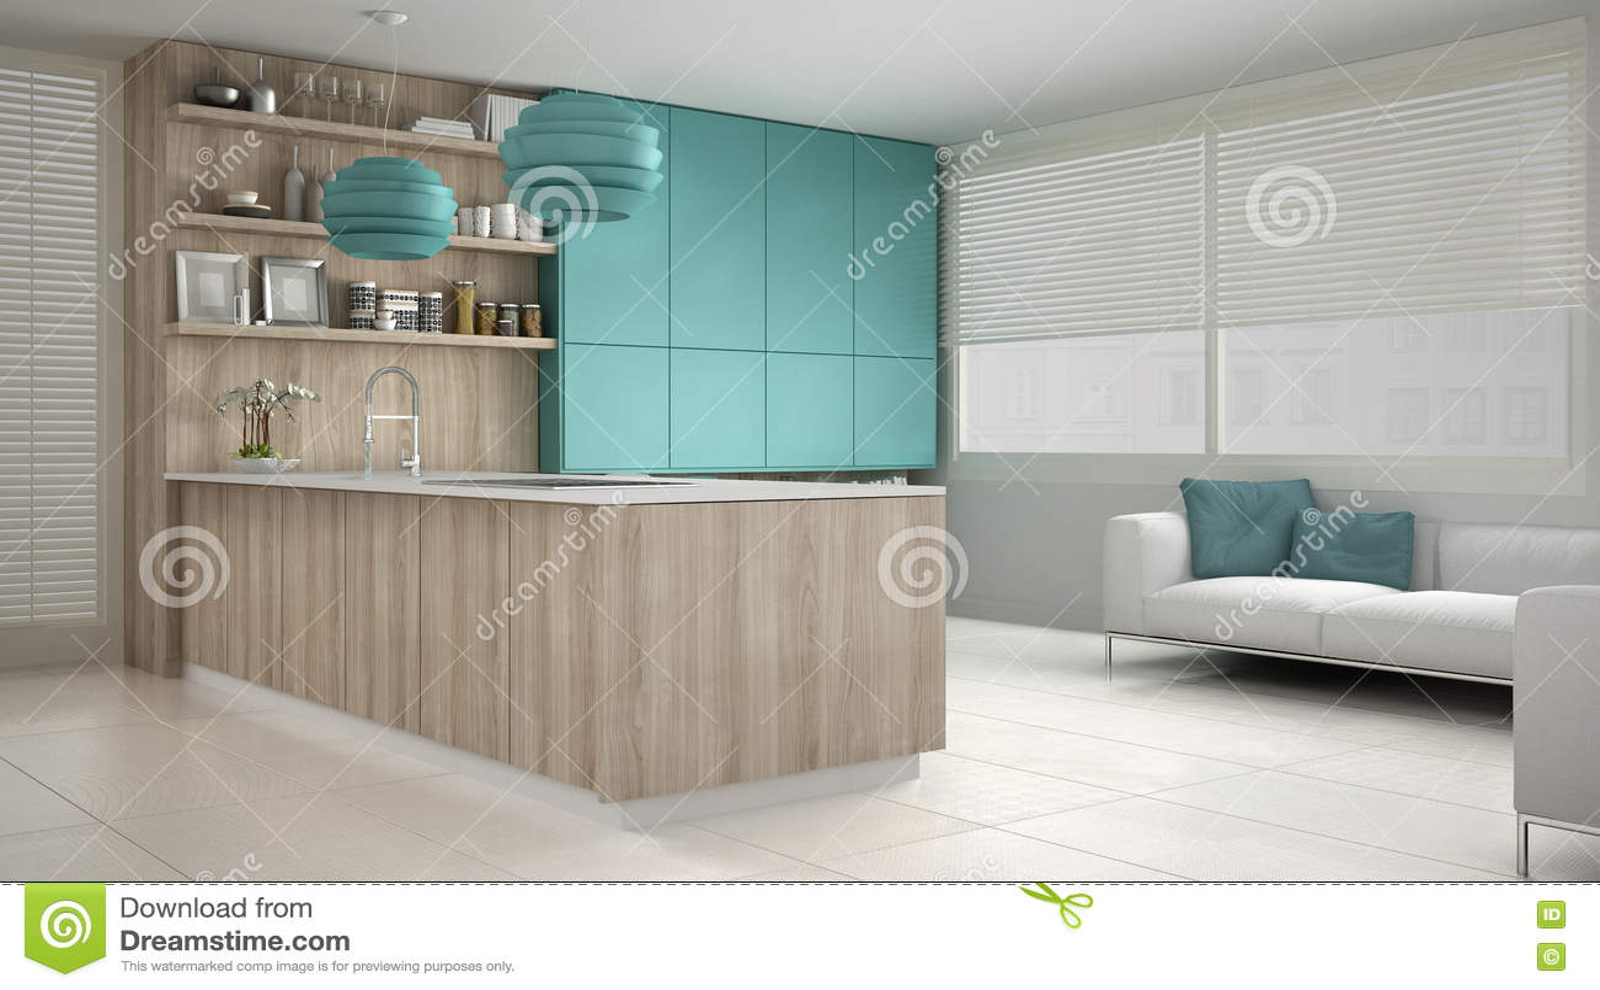 Cucina Bianca Di Minimalistic Con I Dettagli Del Turchese E Di Legno ...